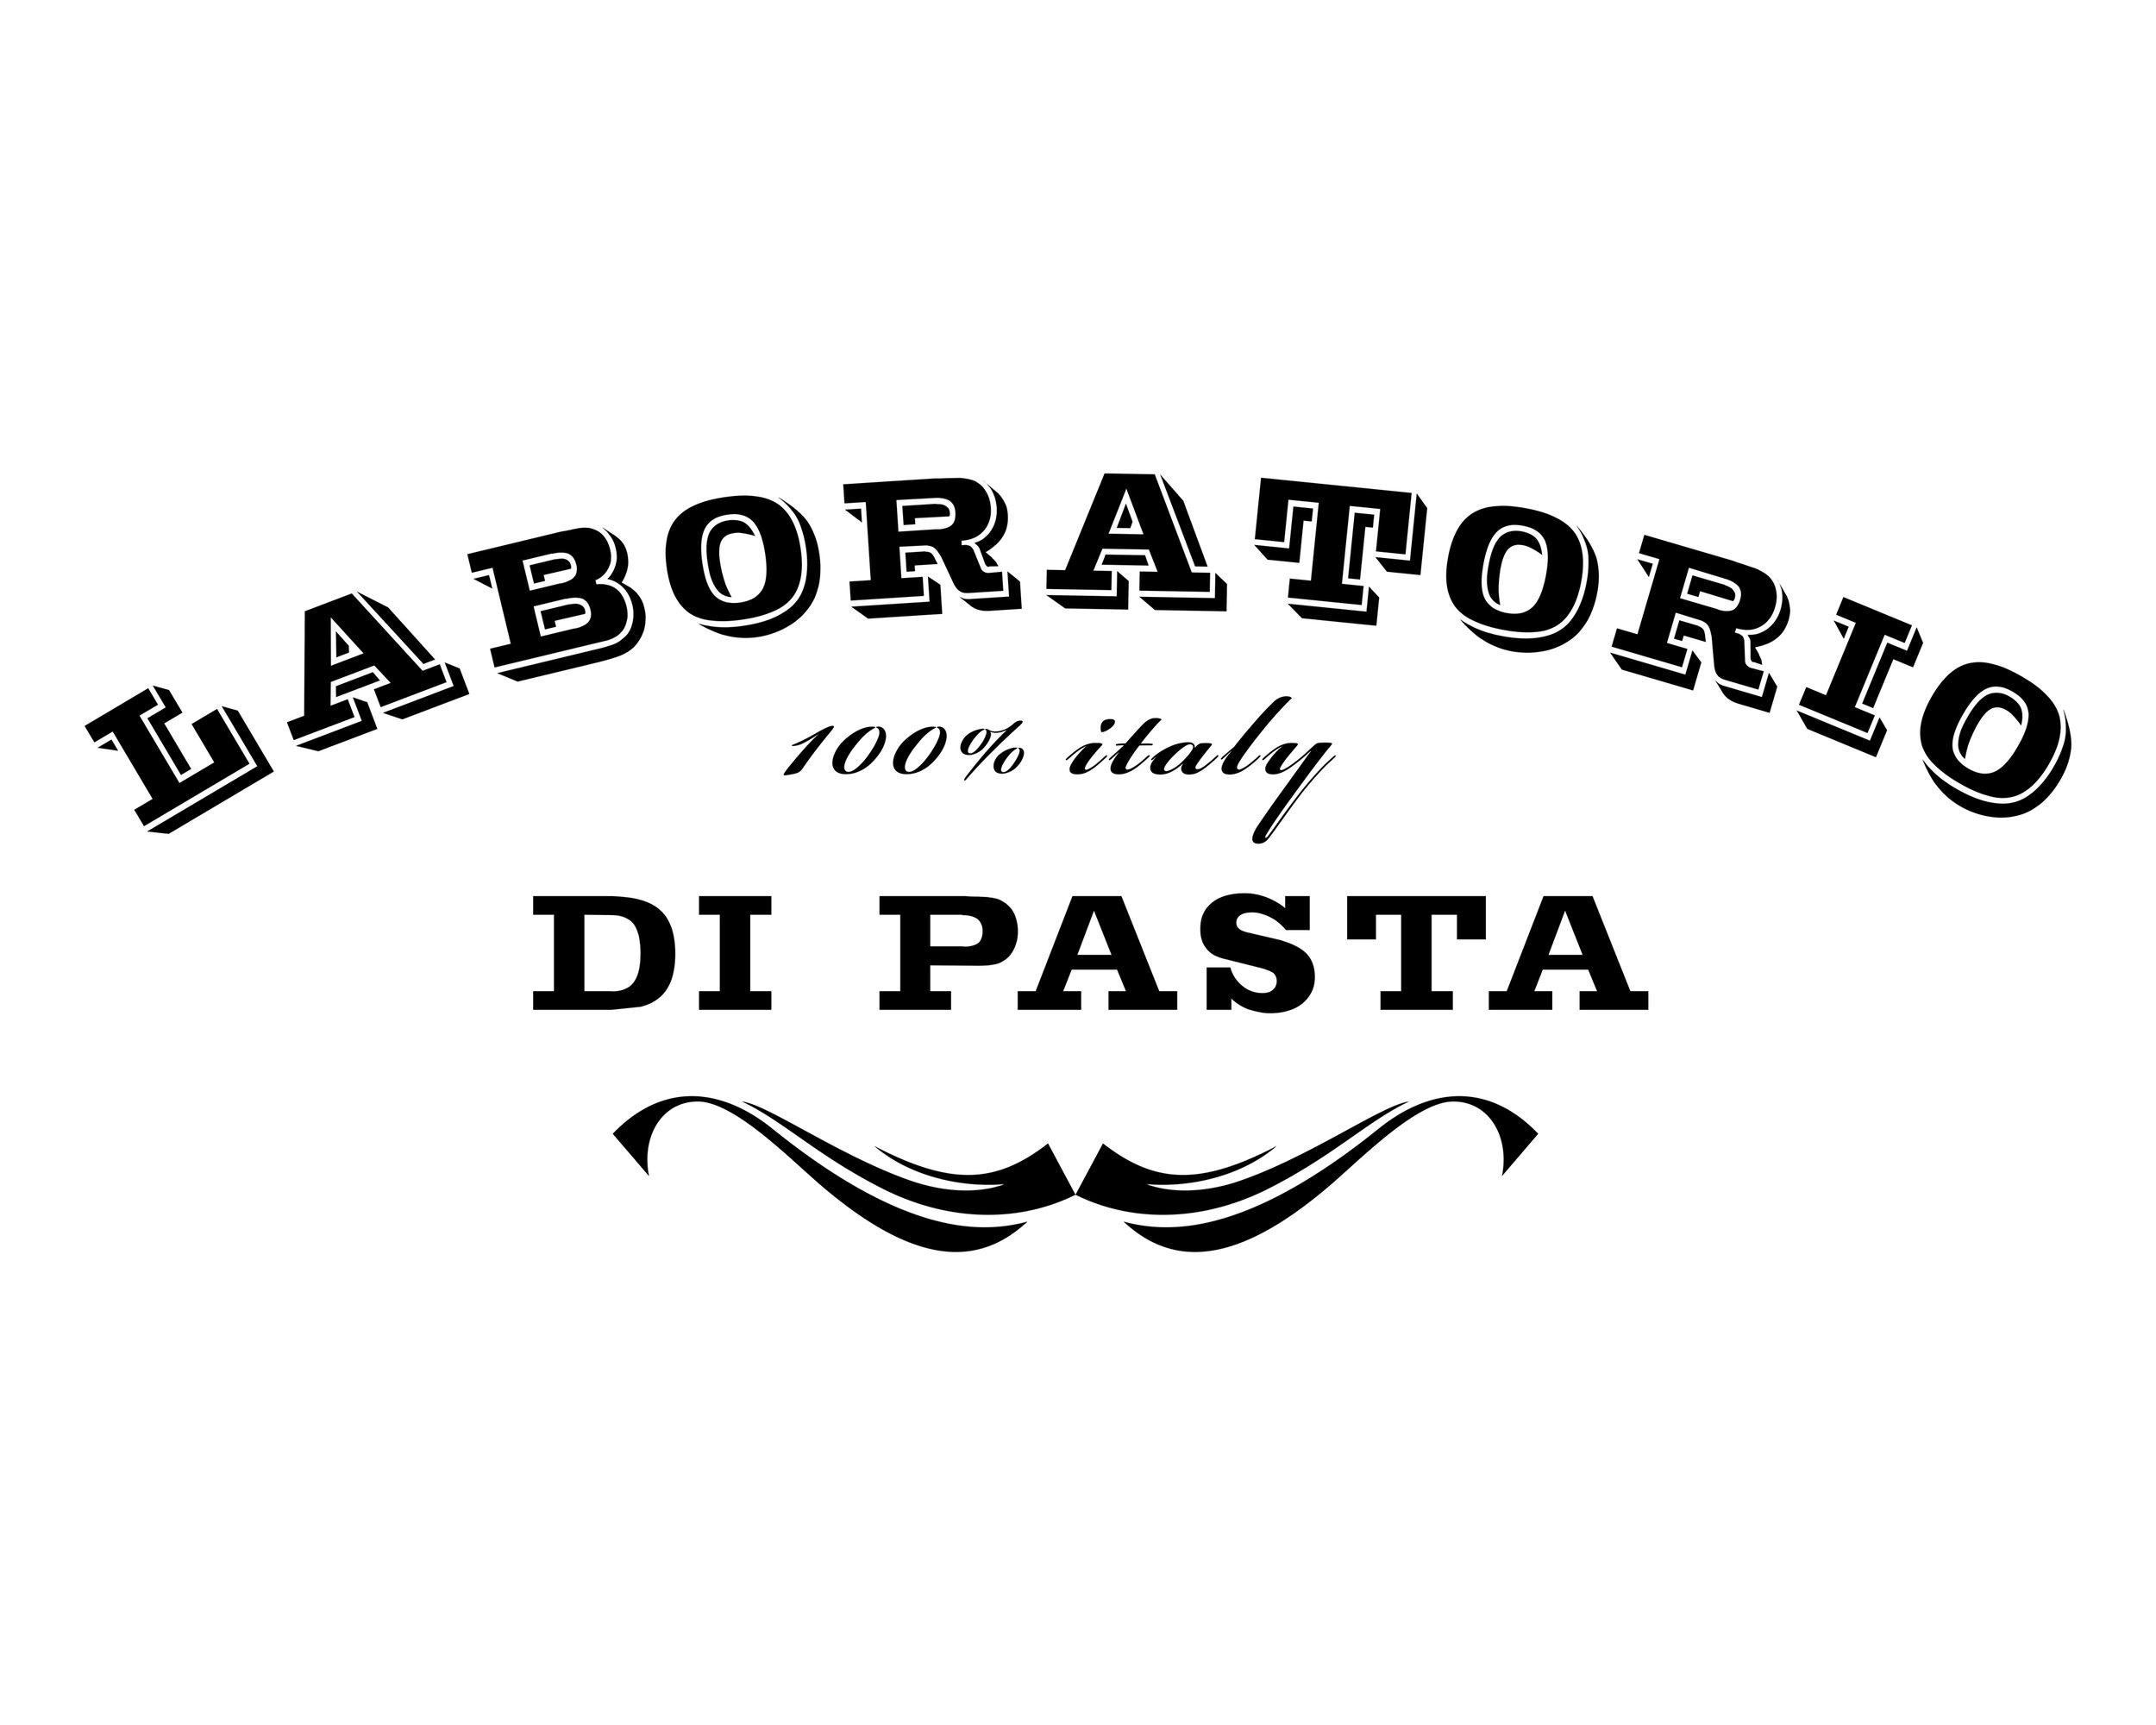 Michal Suday design group - Laboratorio Di Pasta8.jpg